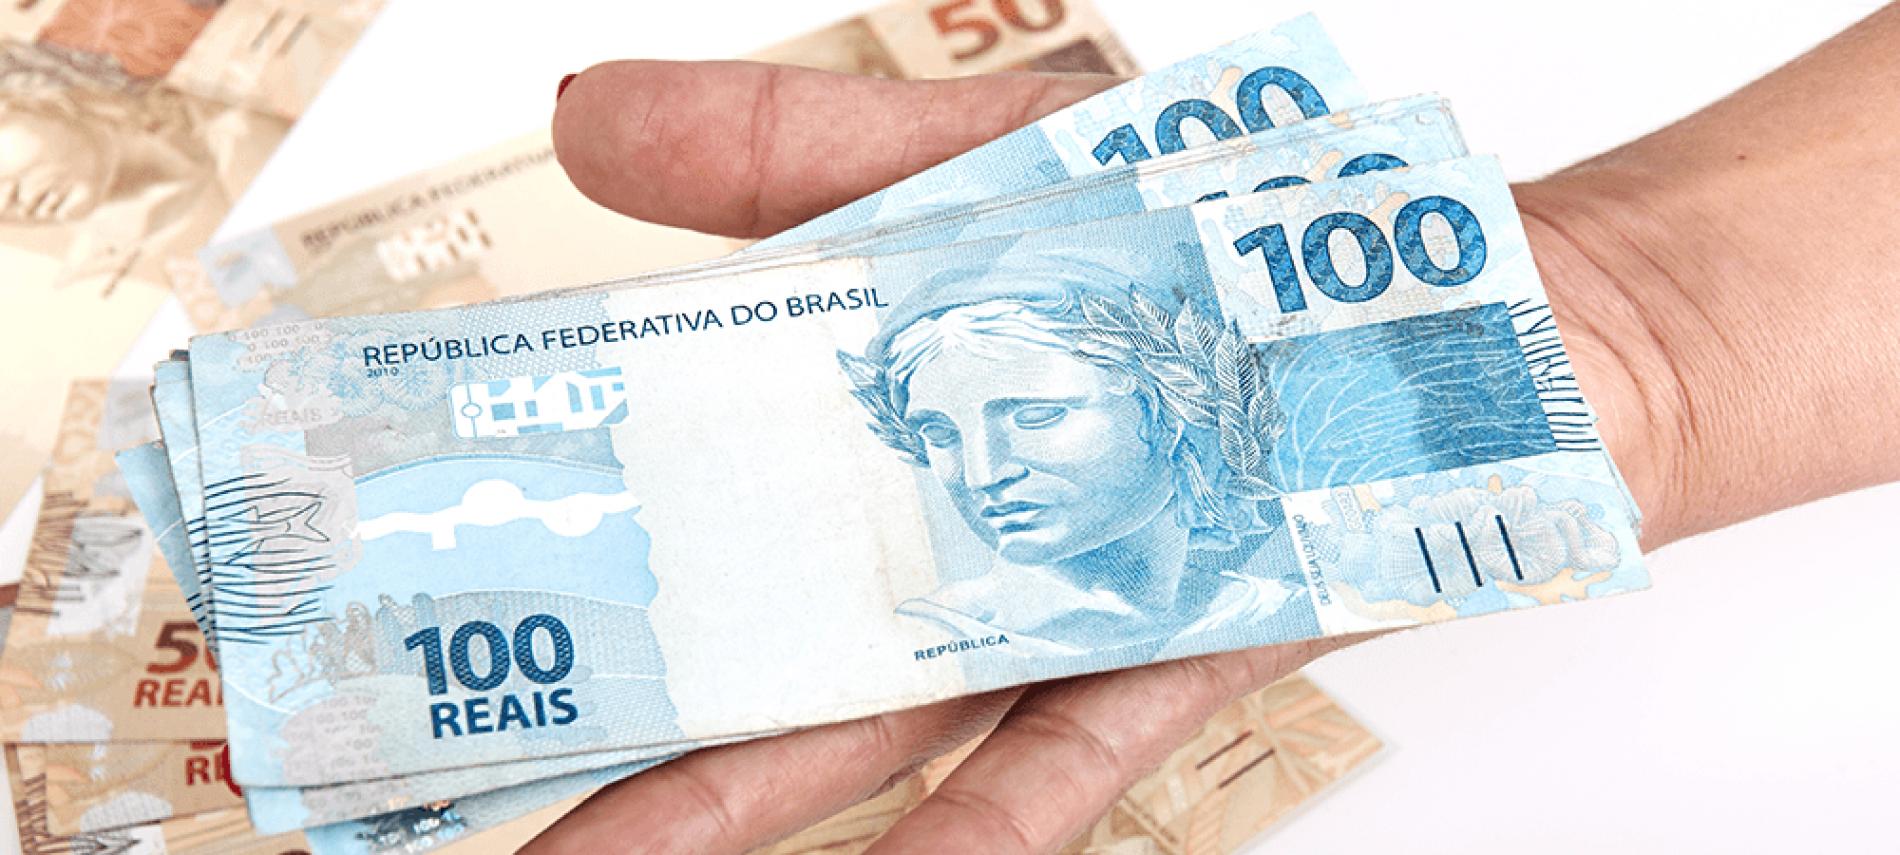 BARRETOS: Ladrão aplica golpe no centro da cidade e operador de maquinas perde quase R$1.200.00